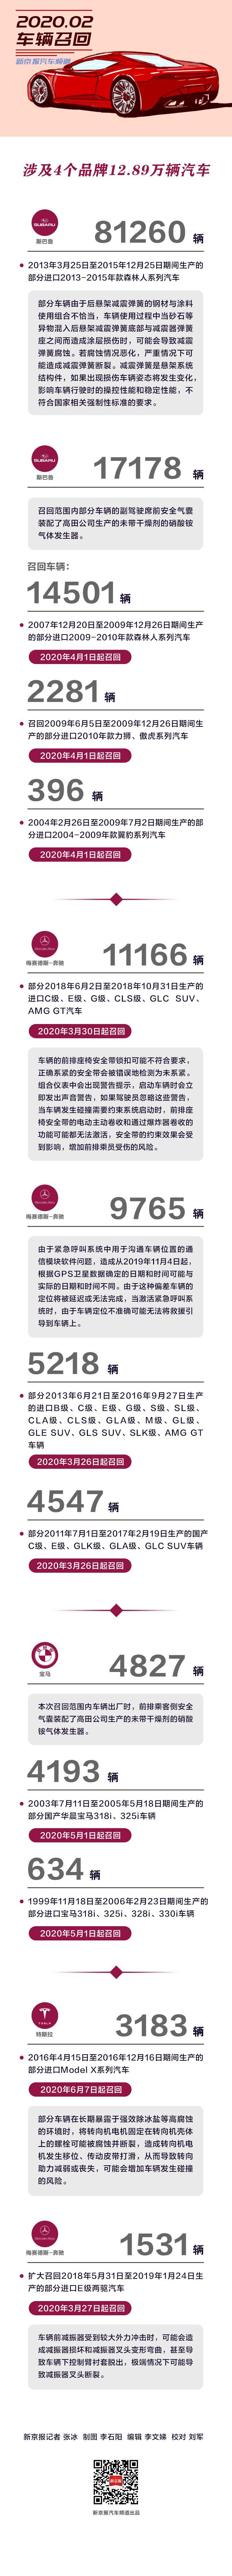 2月召回 涉及4个品牌12.89万辆汽车